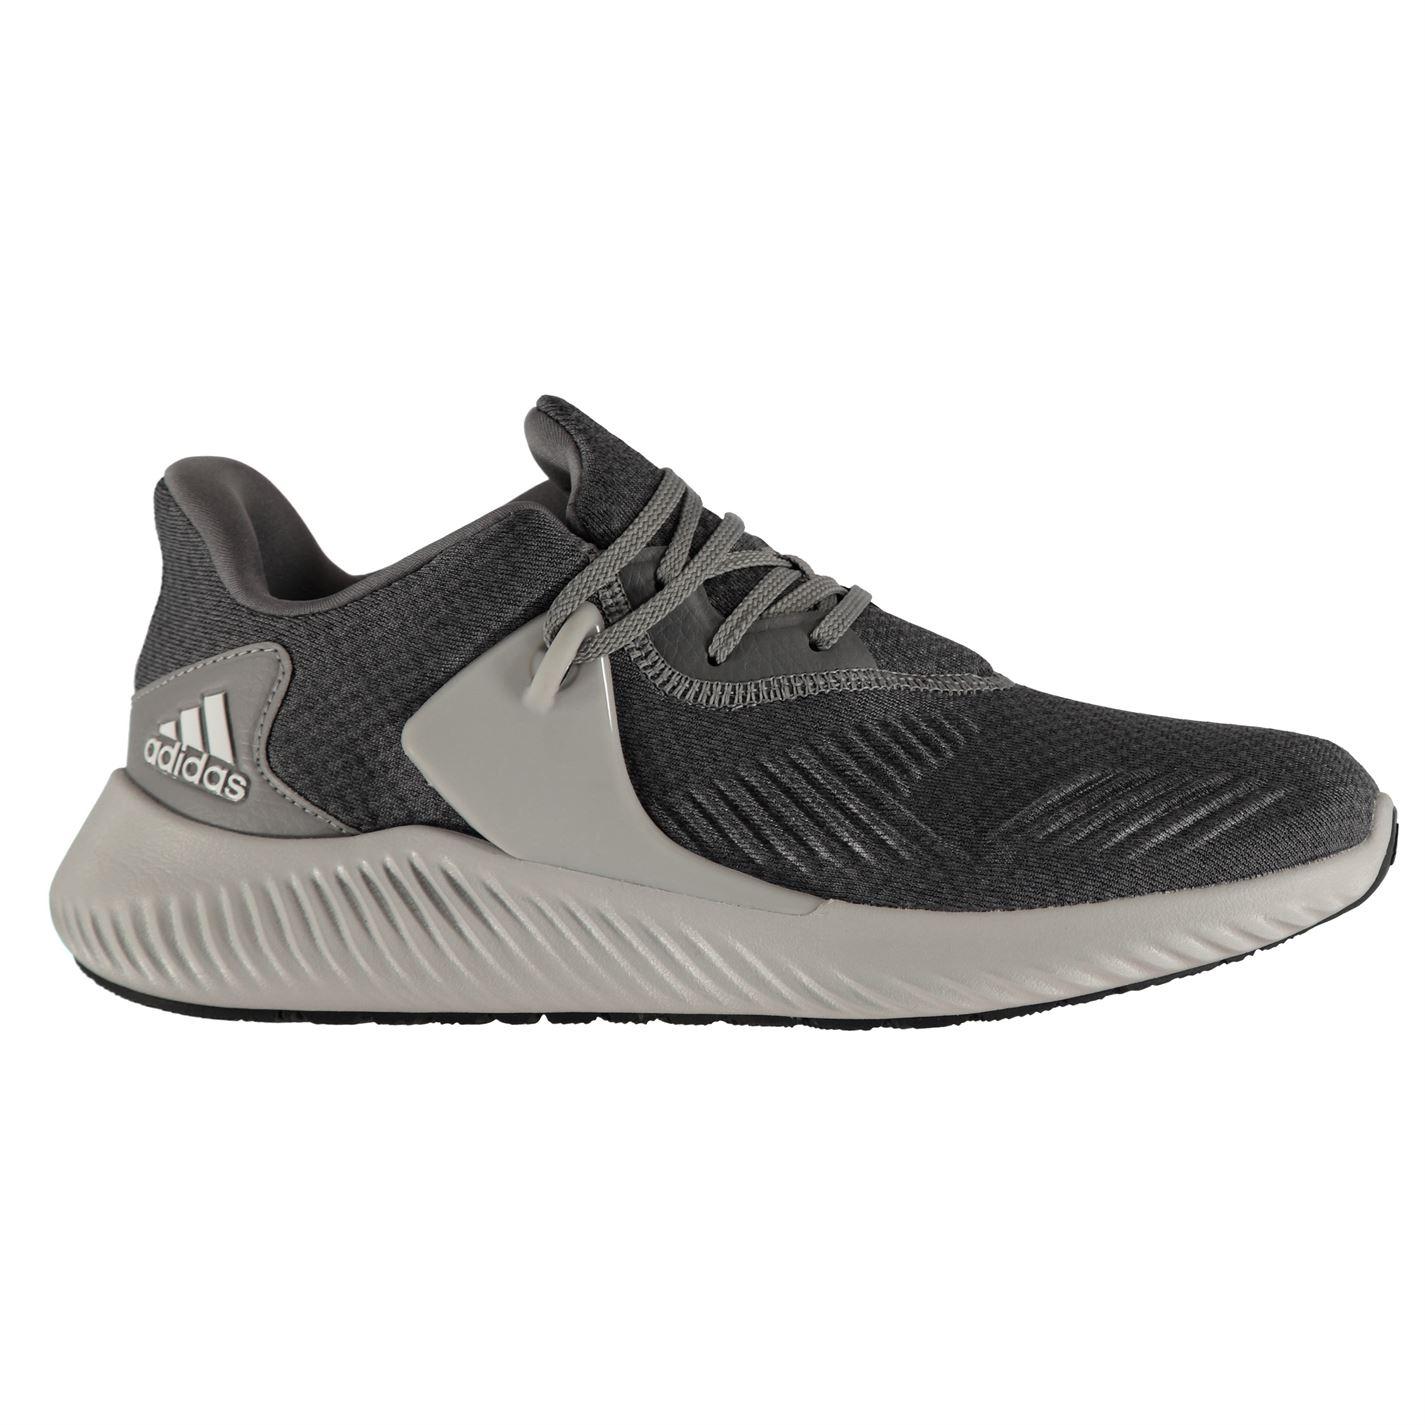 Adidas Alphabounce RC 2 pánske bežecké tenisky